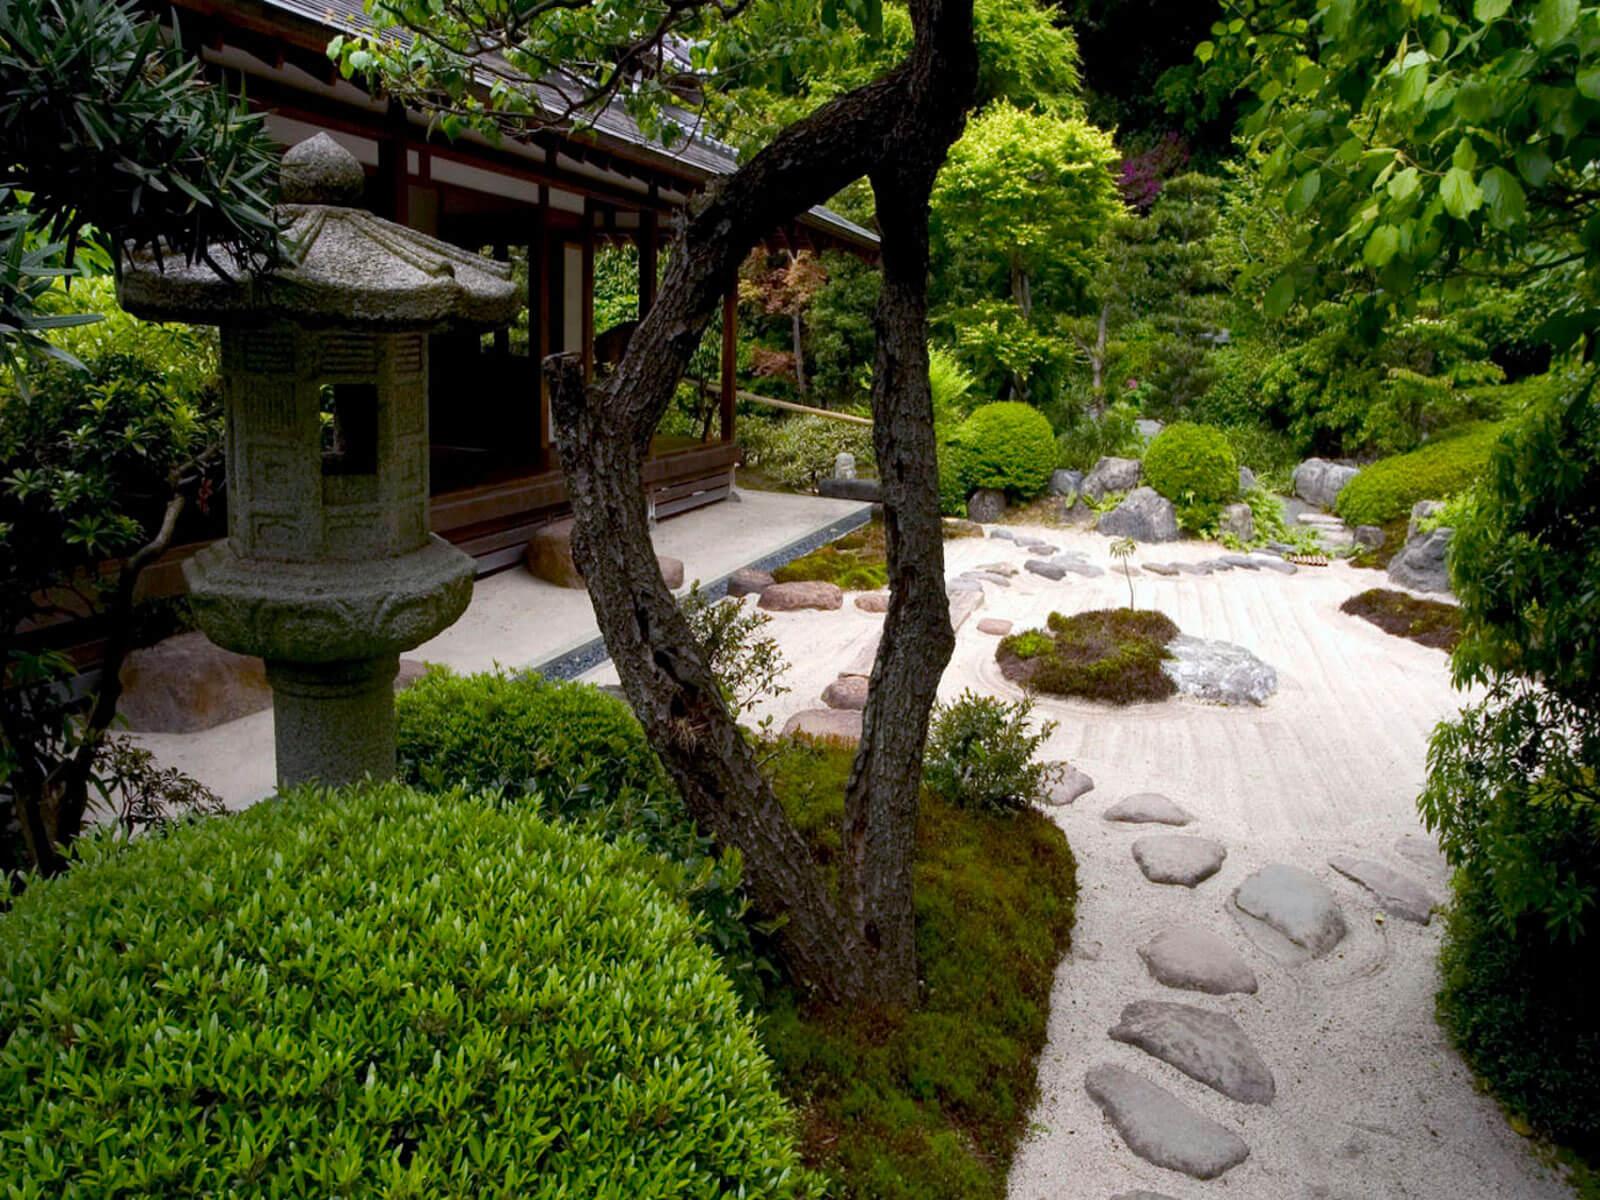 Những mẫu biệt thự sân vườn đẹp phổ biến tại Việt Nam